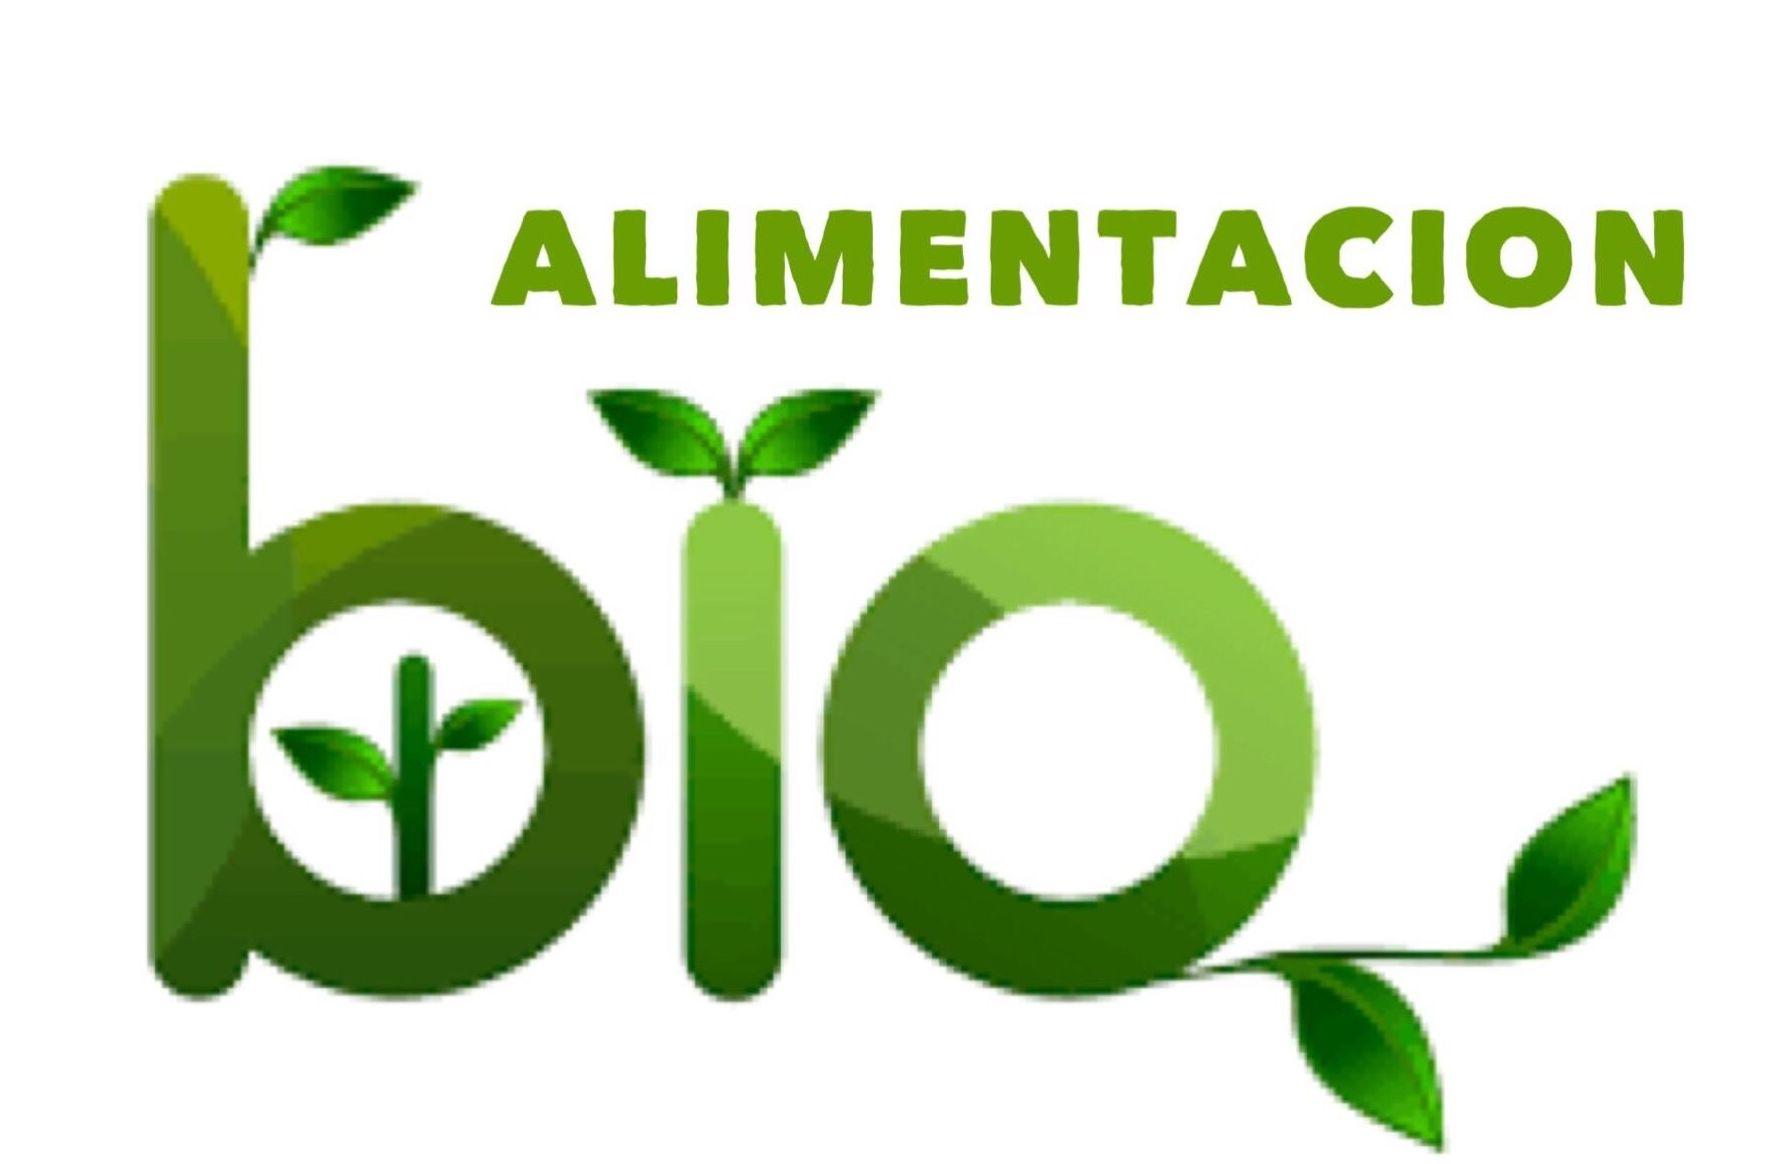 Alimentación ecológica en Bilbao